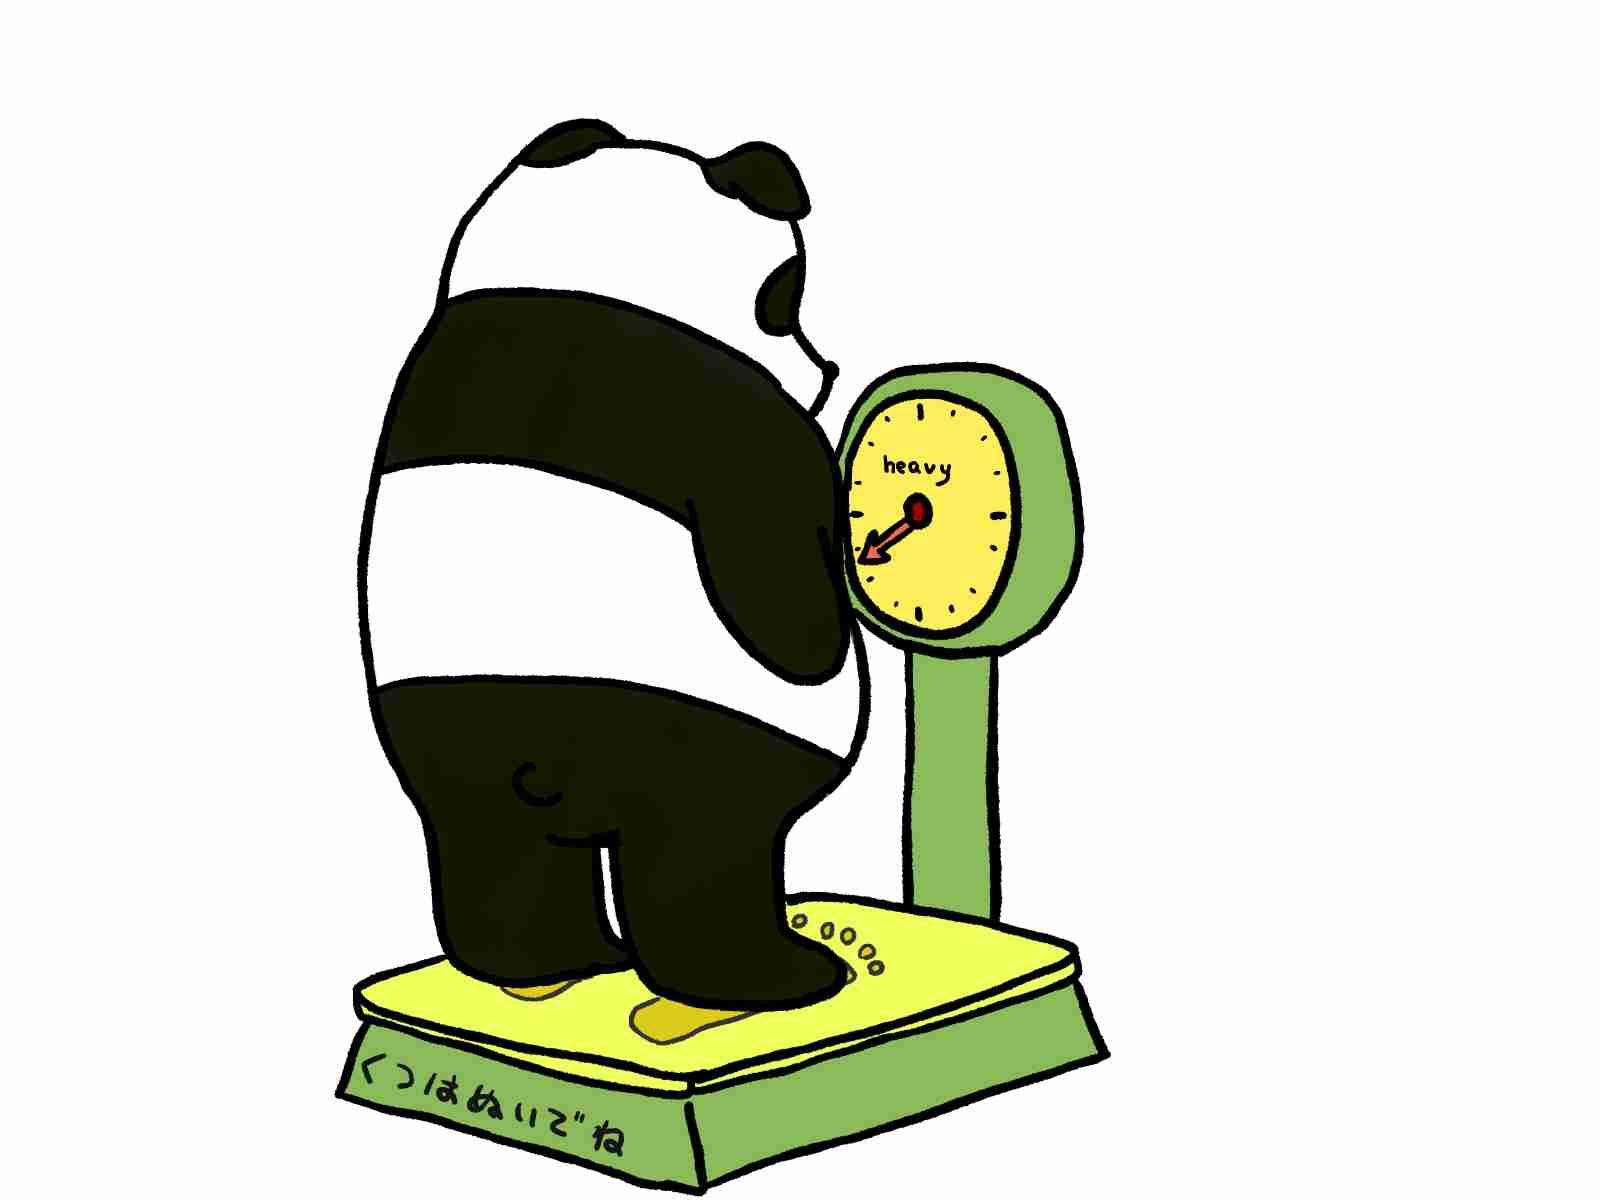 あなたの好きな食べ物と身長体重は?